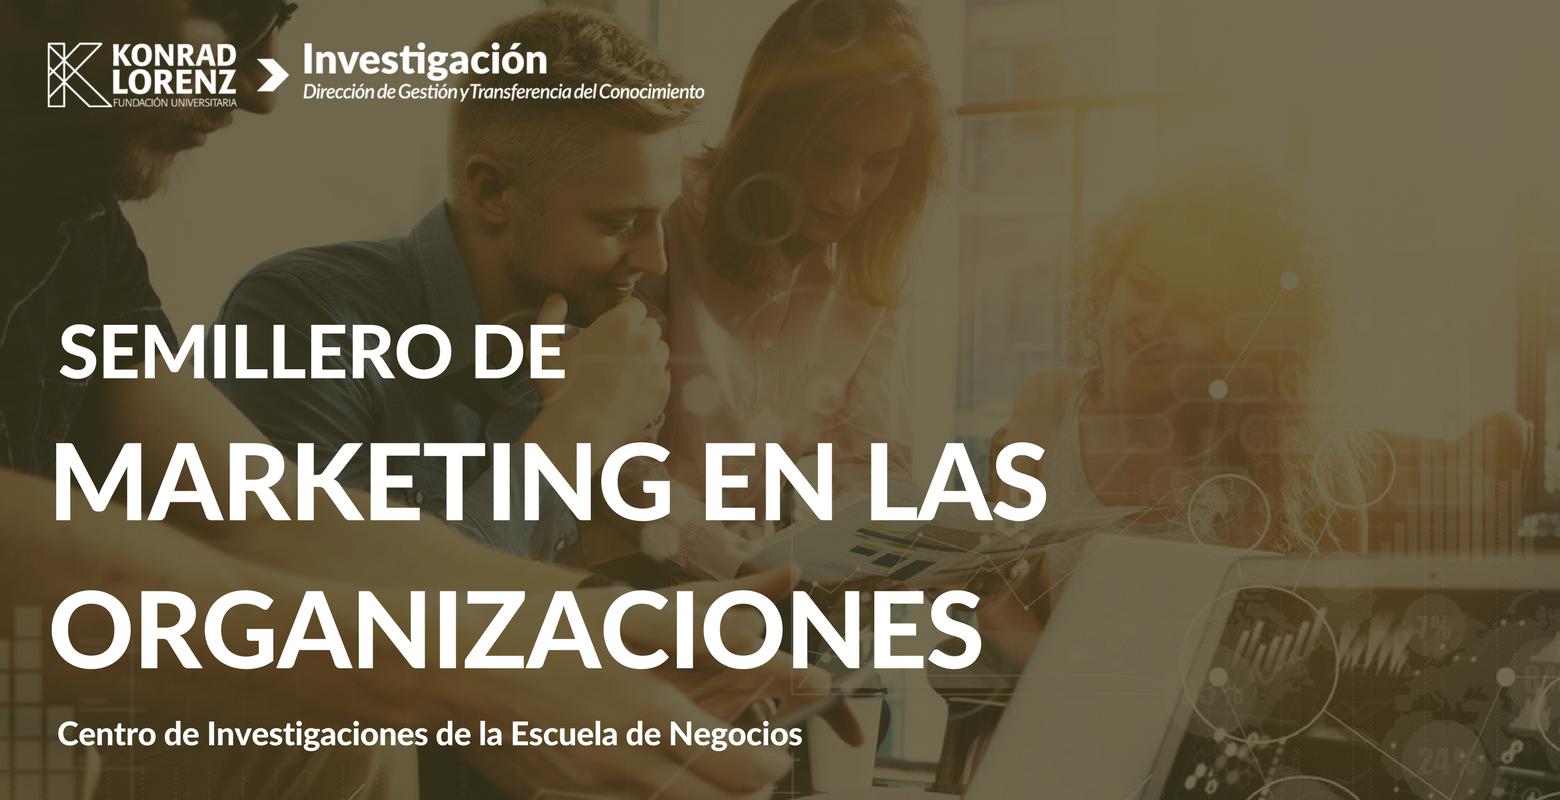 Semillero de marketing en las organizaciones